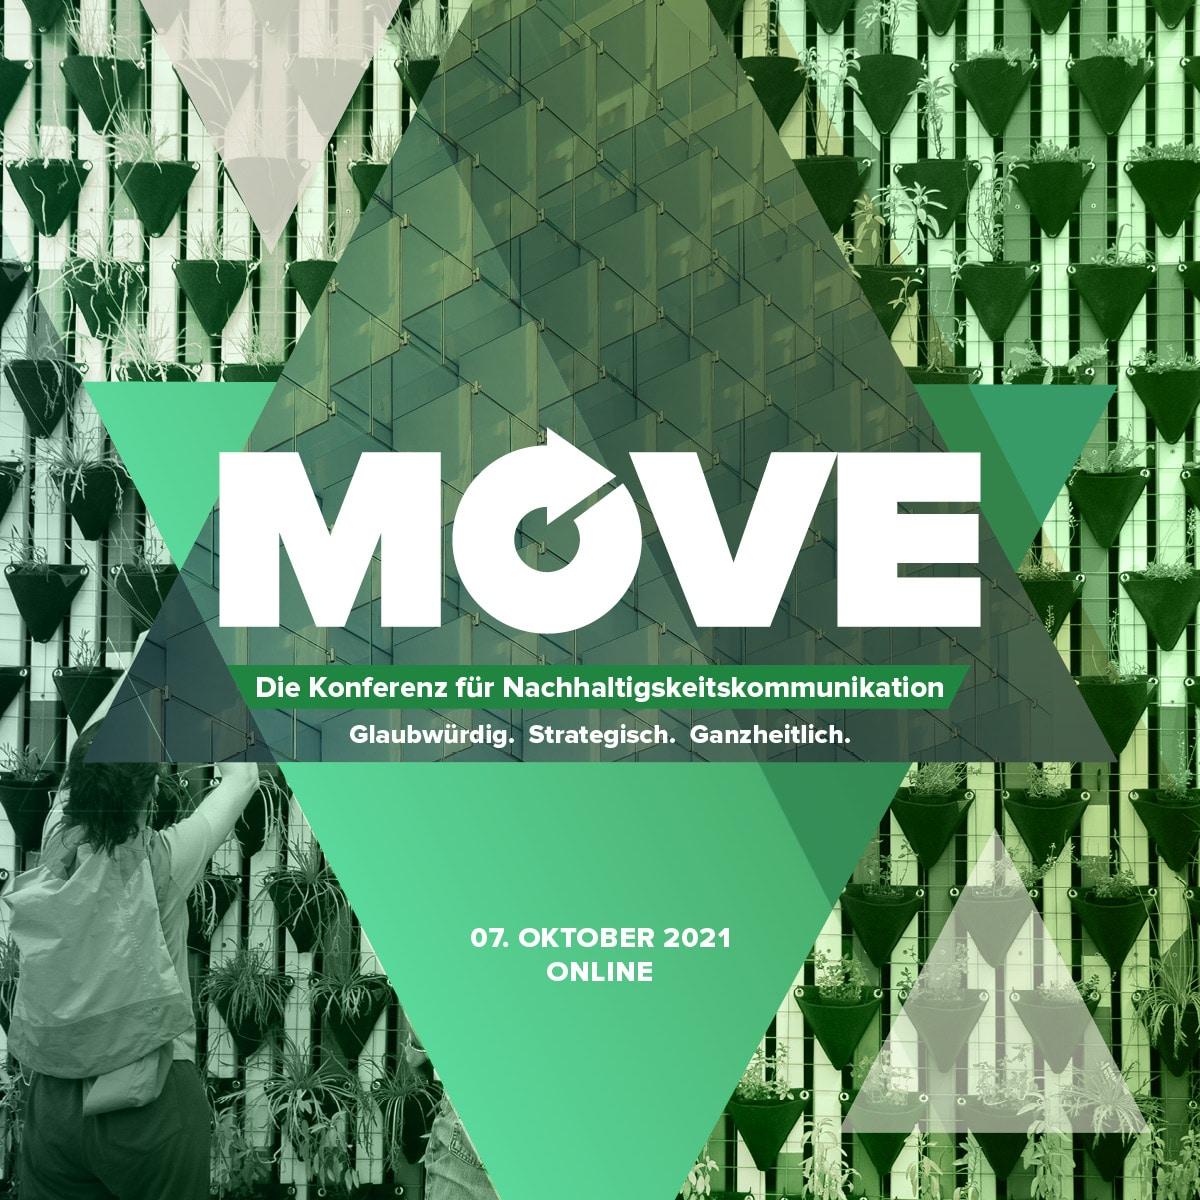 Move 2021 – Konferenz für Nachhaltigkeitskommunikation